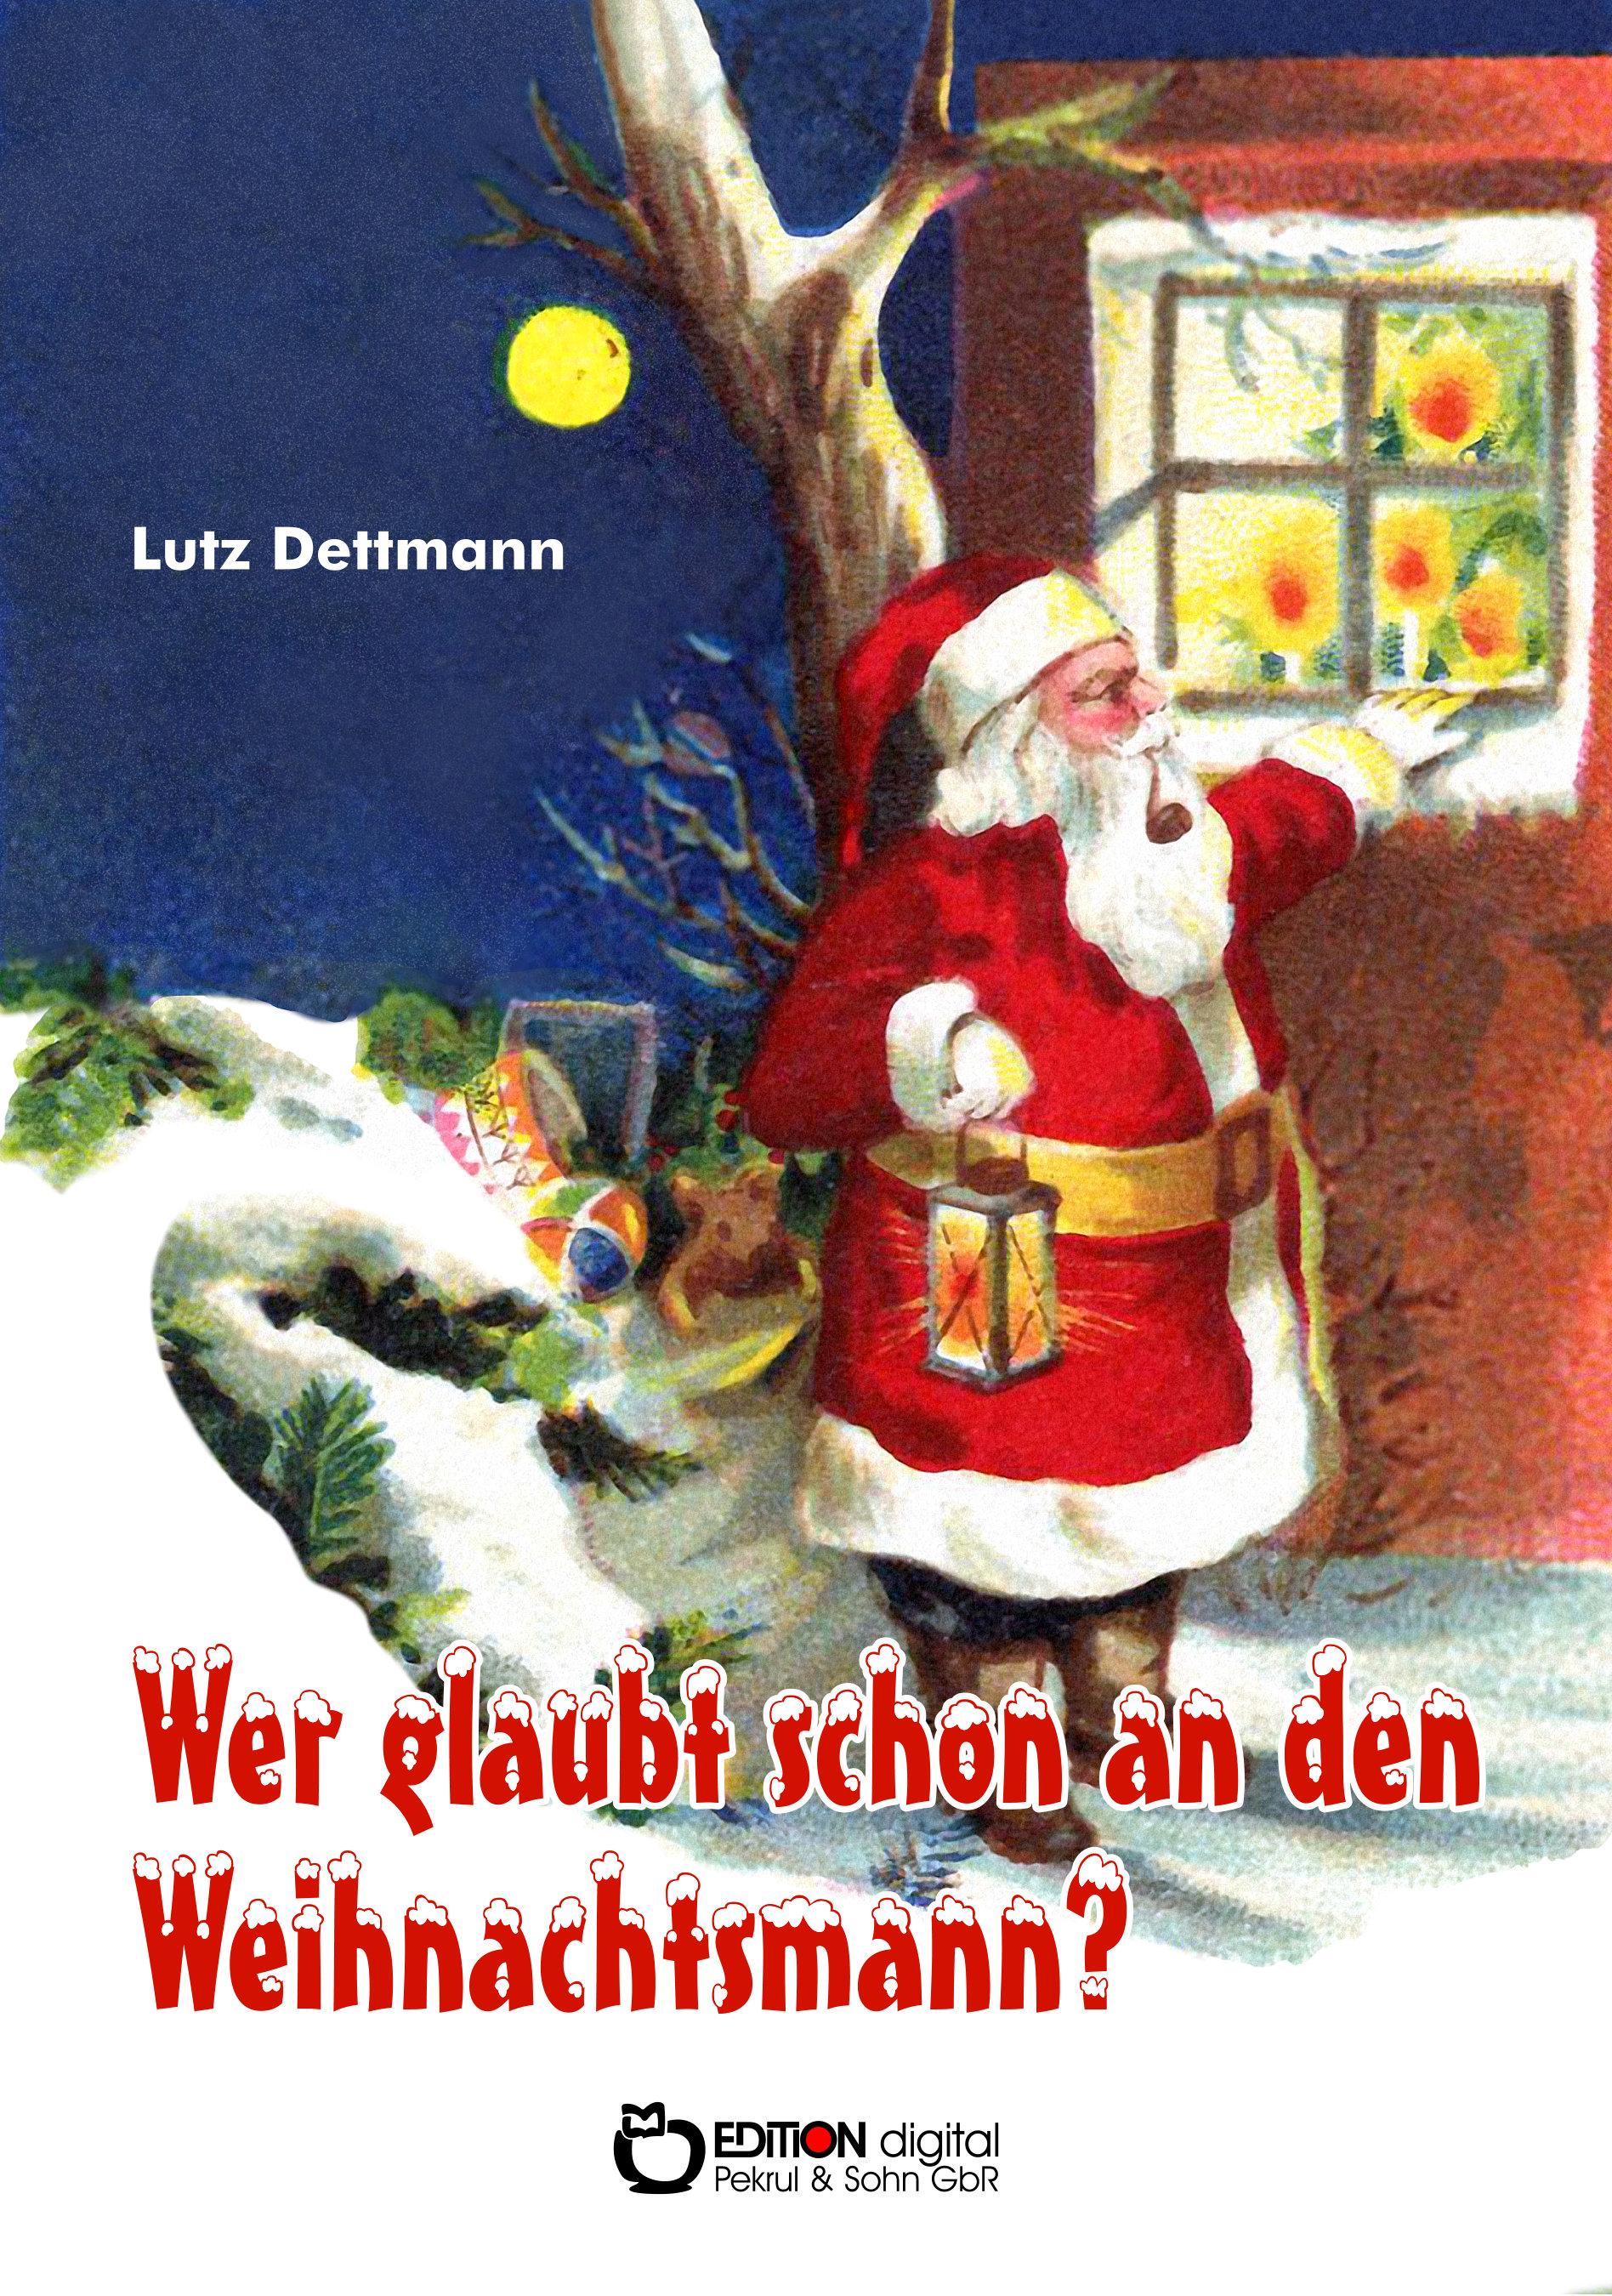 Wer glaubt schon an den Weihnachtsmann? von Lutz Dettmann